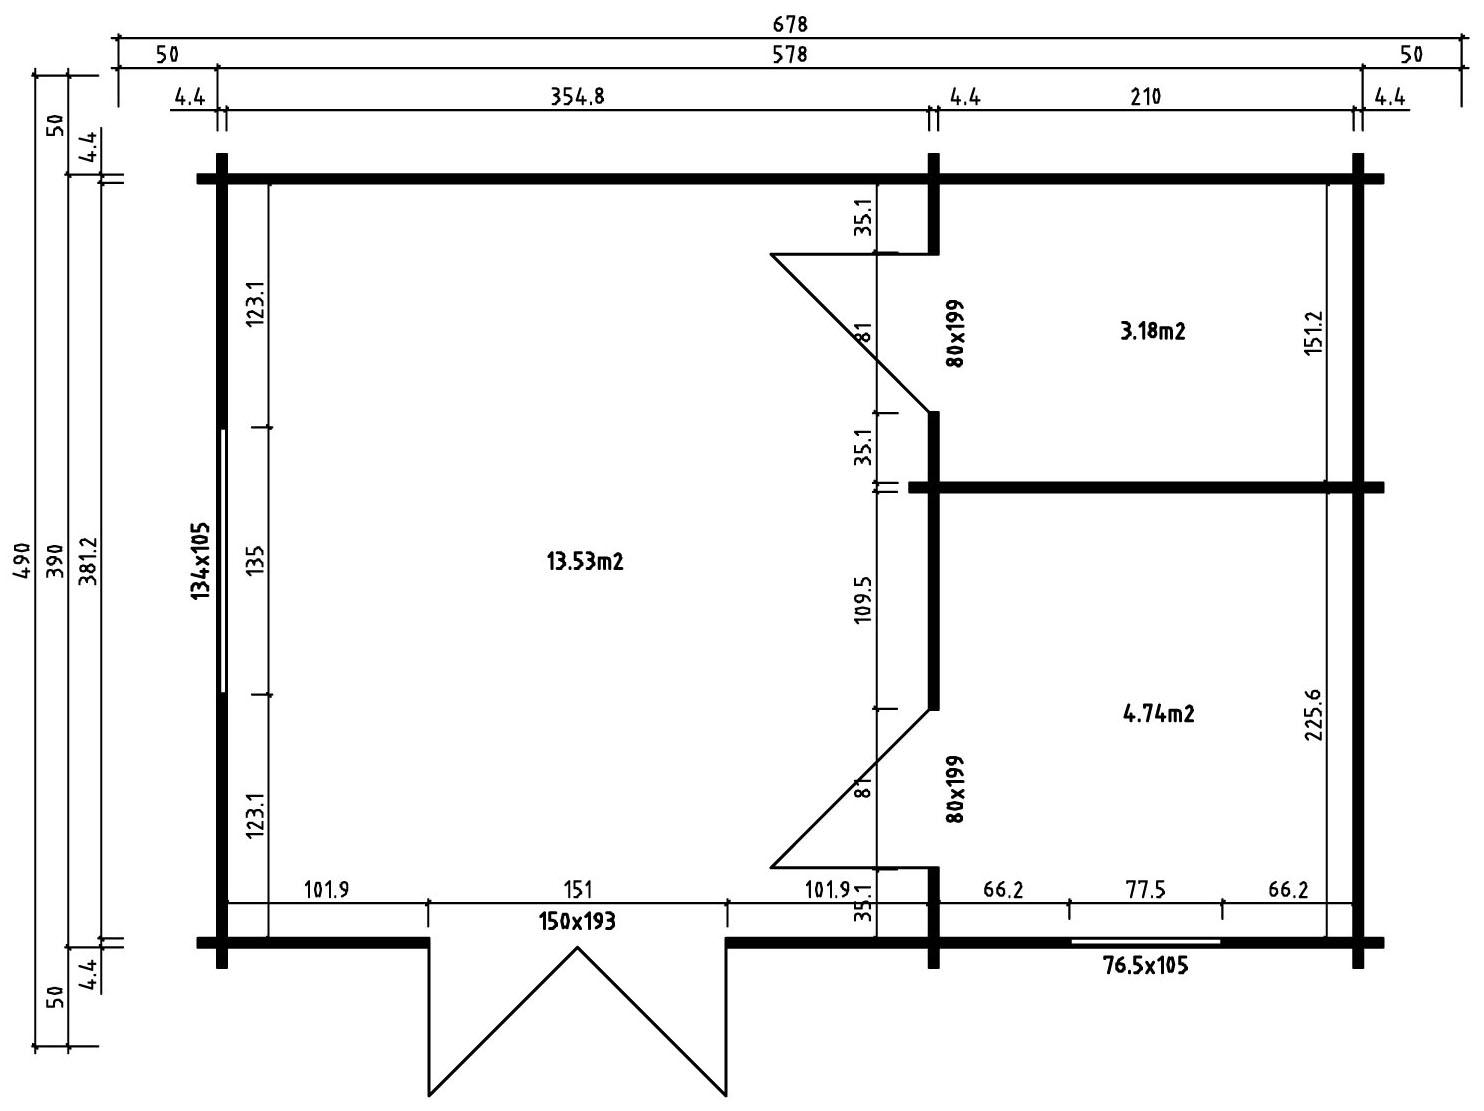 garten und freizeithaus arizona 44 iso garten und. Black Bedroom Furniture Sets. Home Design Ideas